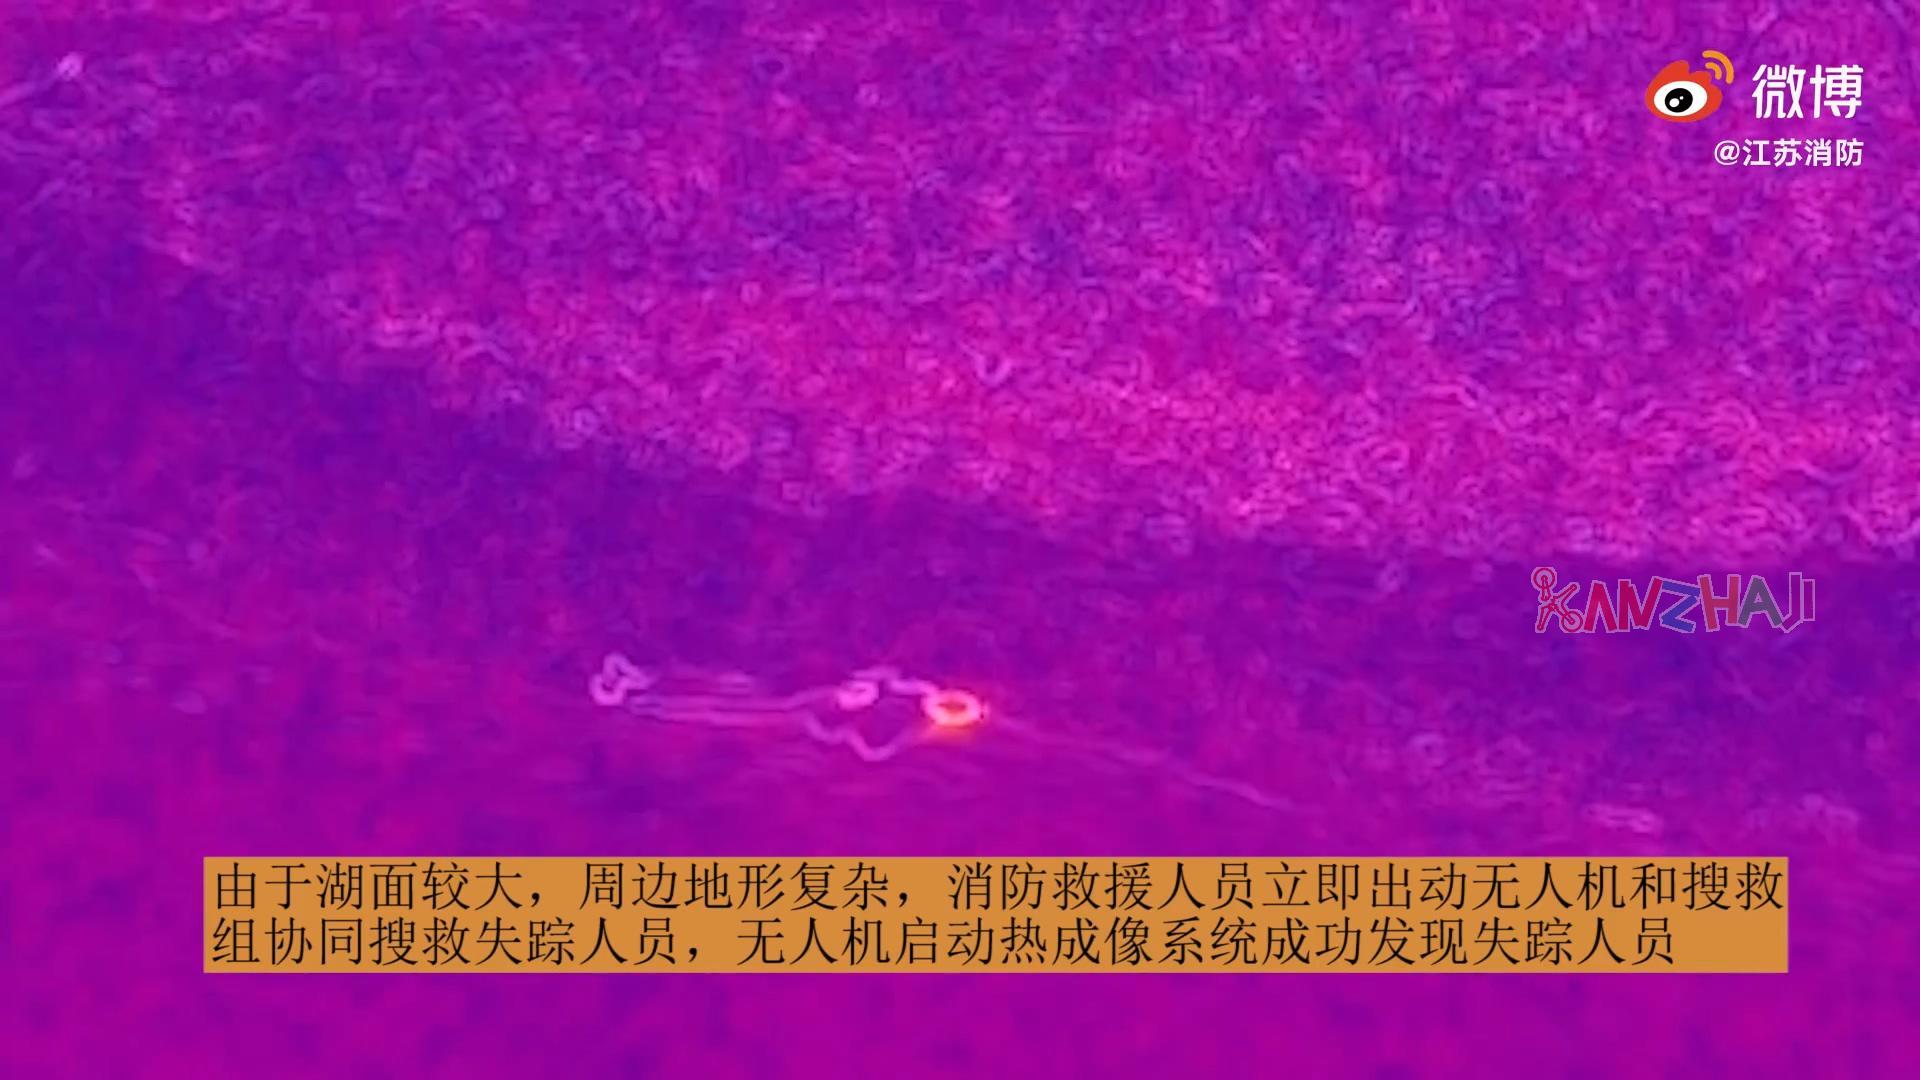 科技救援!消防无人机十分钟确定落水女子位置